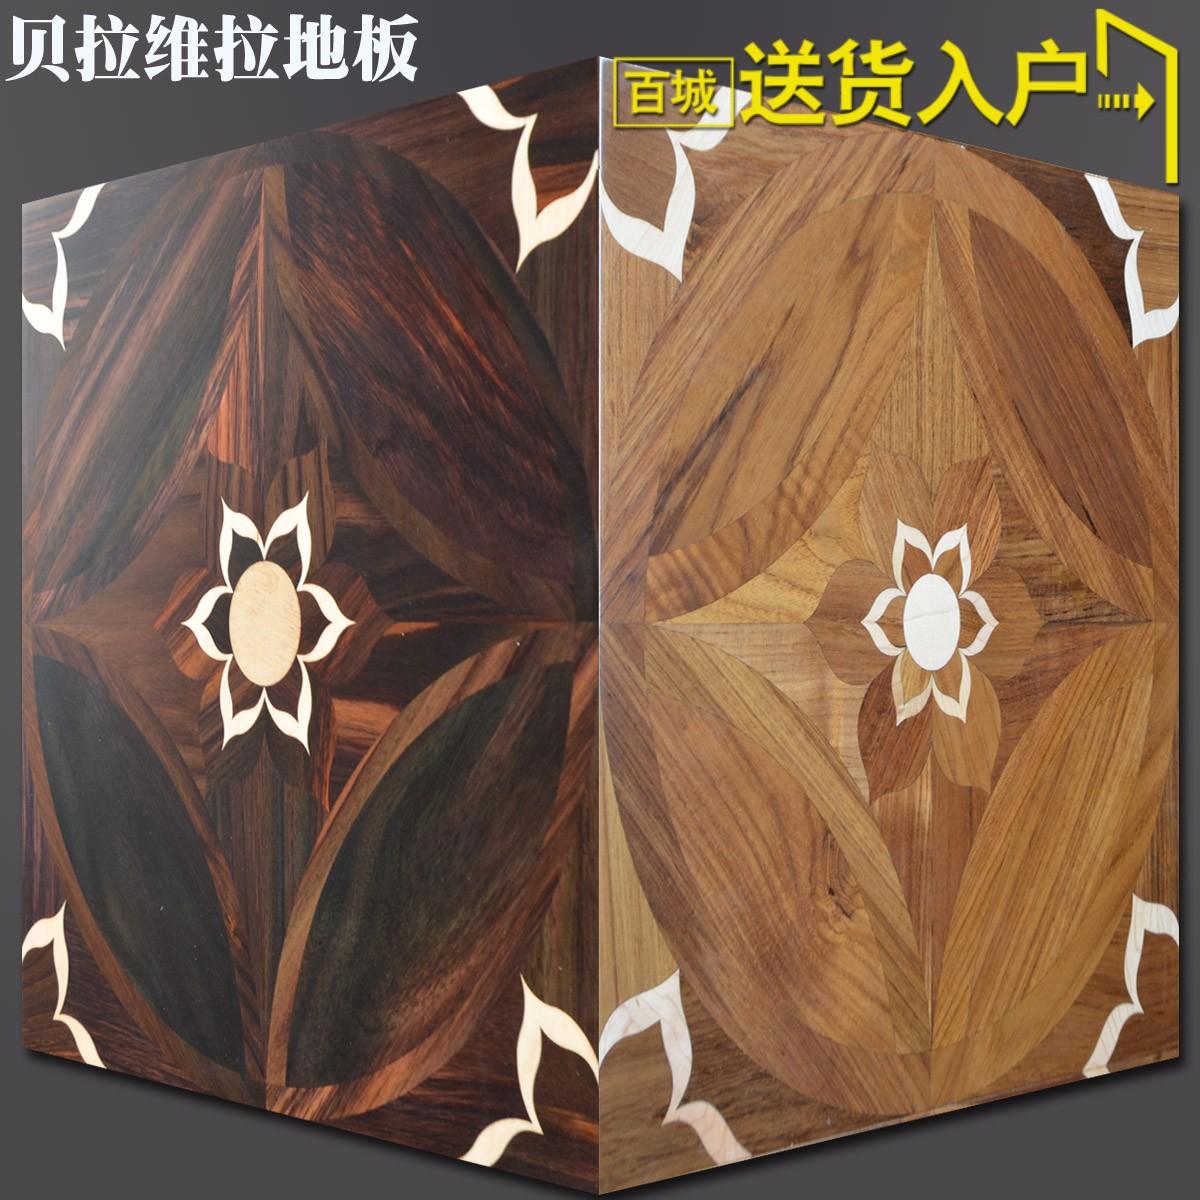 本色枫木柚木高端艺术实木多层复合地板大自然拼花家装v本色